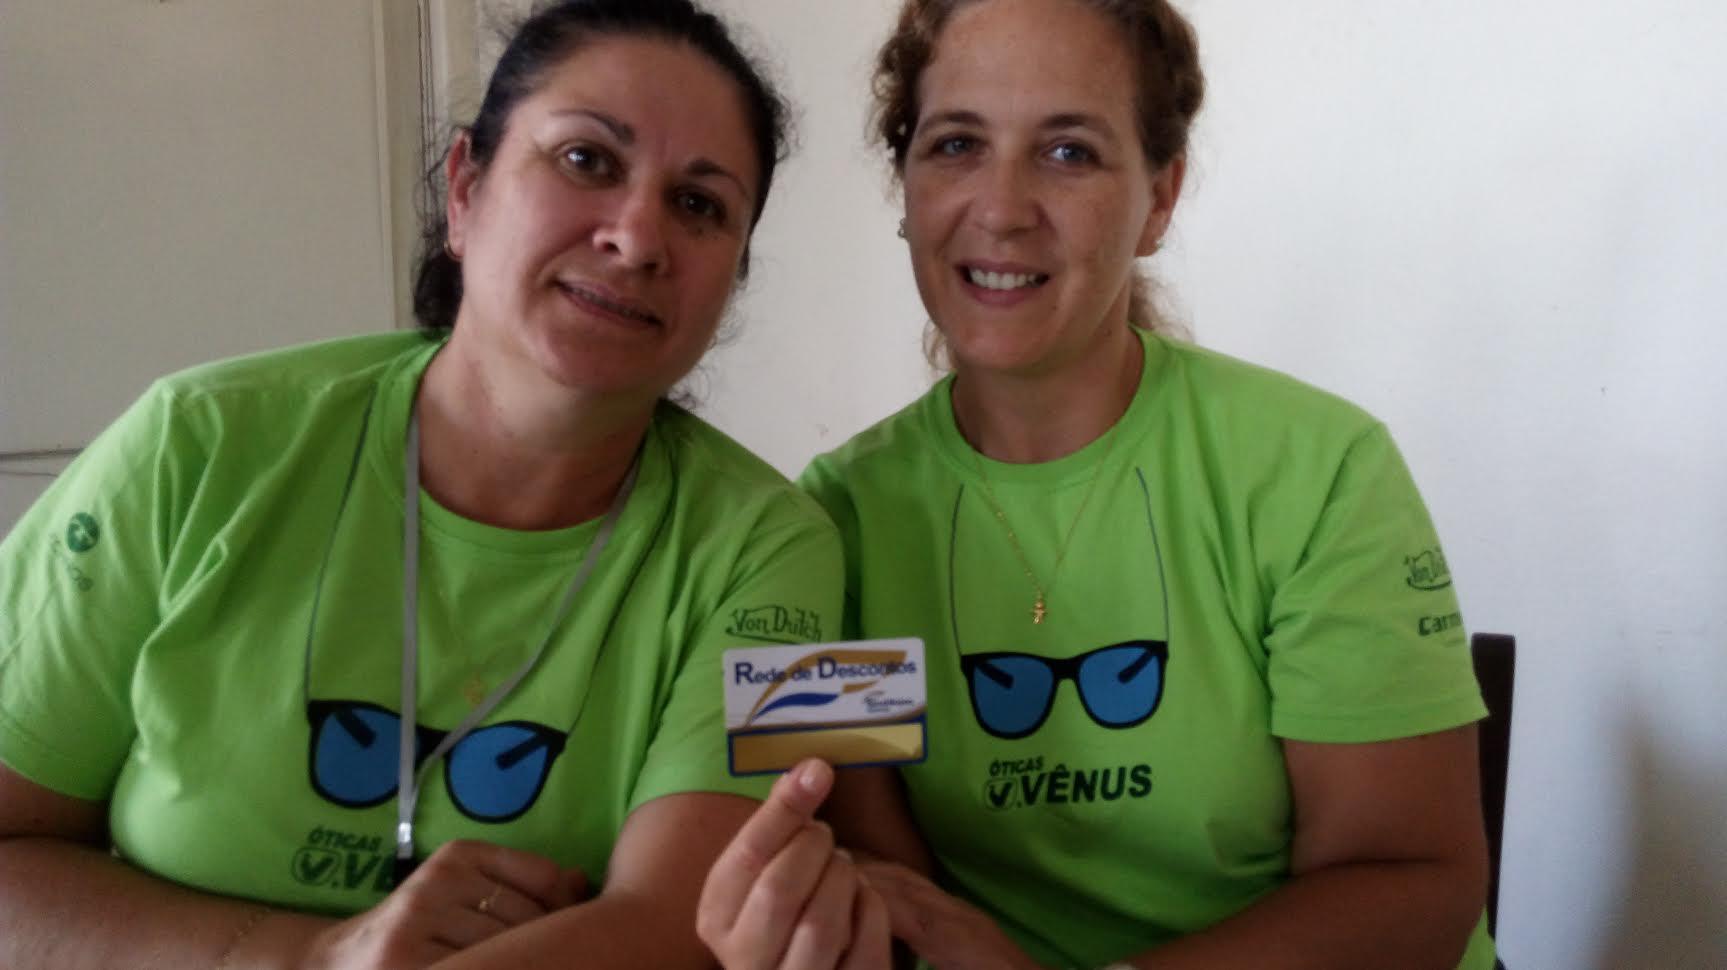 A Otica Vênus também está na Rede de Descontos e realizou inúmeros testes de visao gratuitamente durante evento